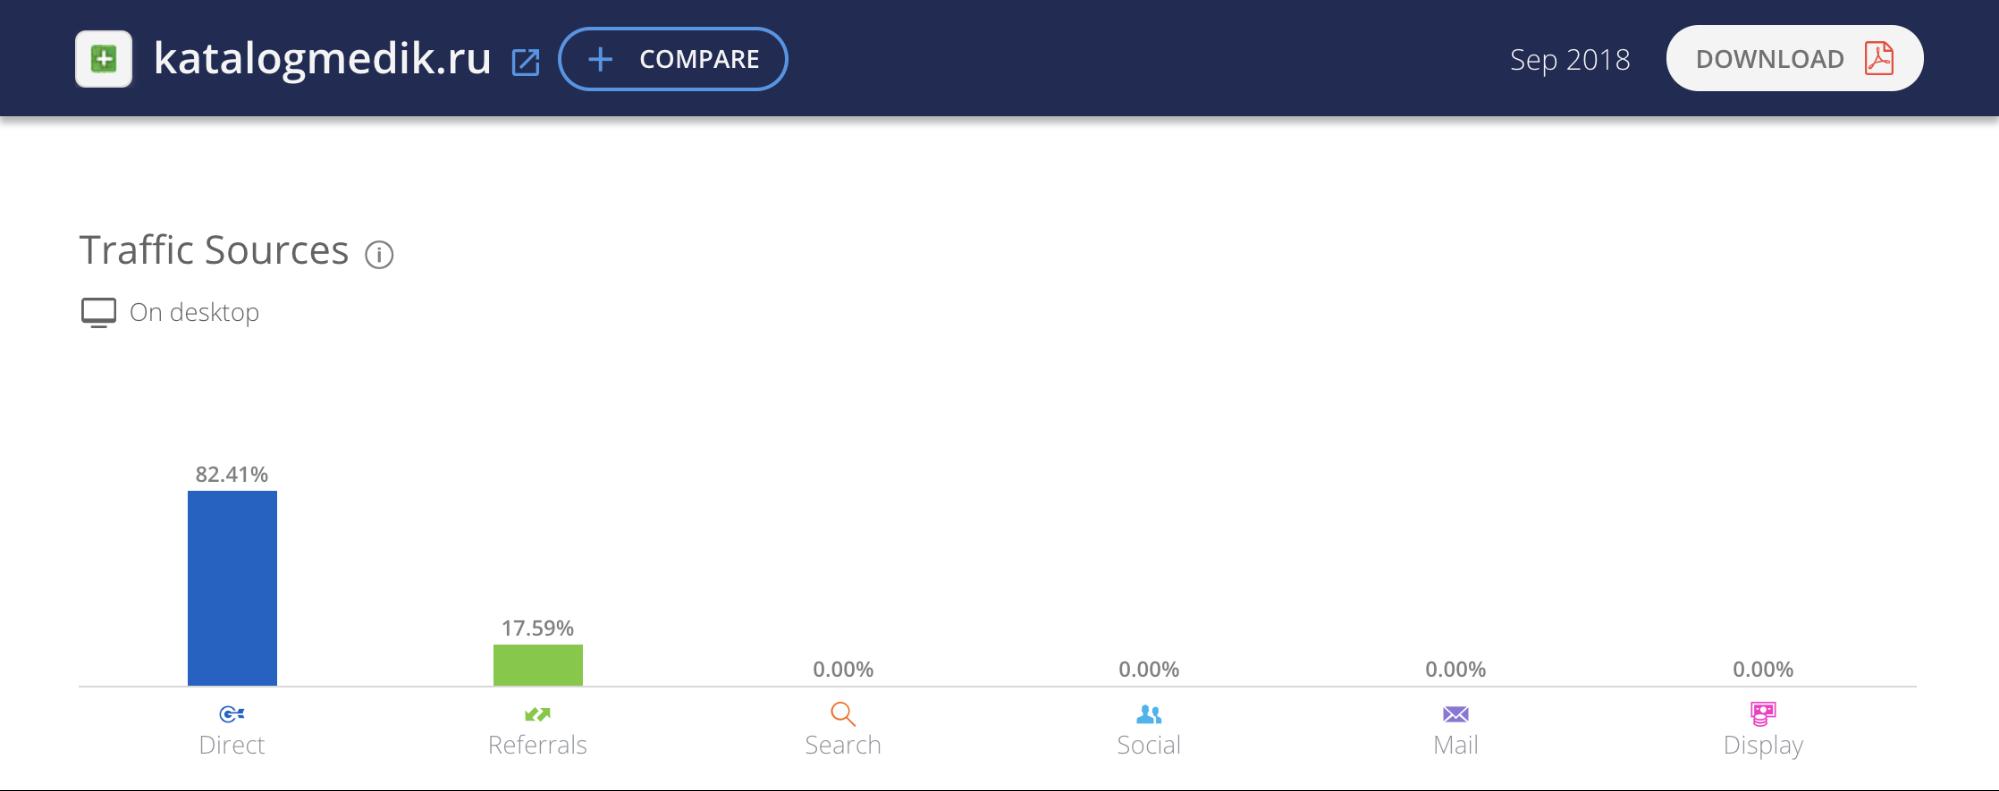 Рис. 7. При посещаемости 100 000 уников в месяц сайт имеет очень низкое значение ИКС — всего 10.